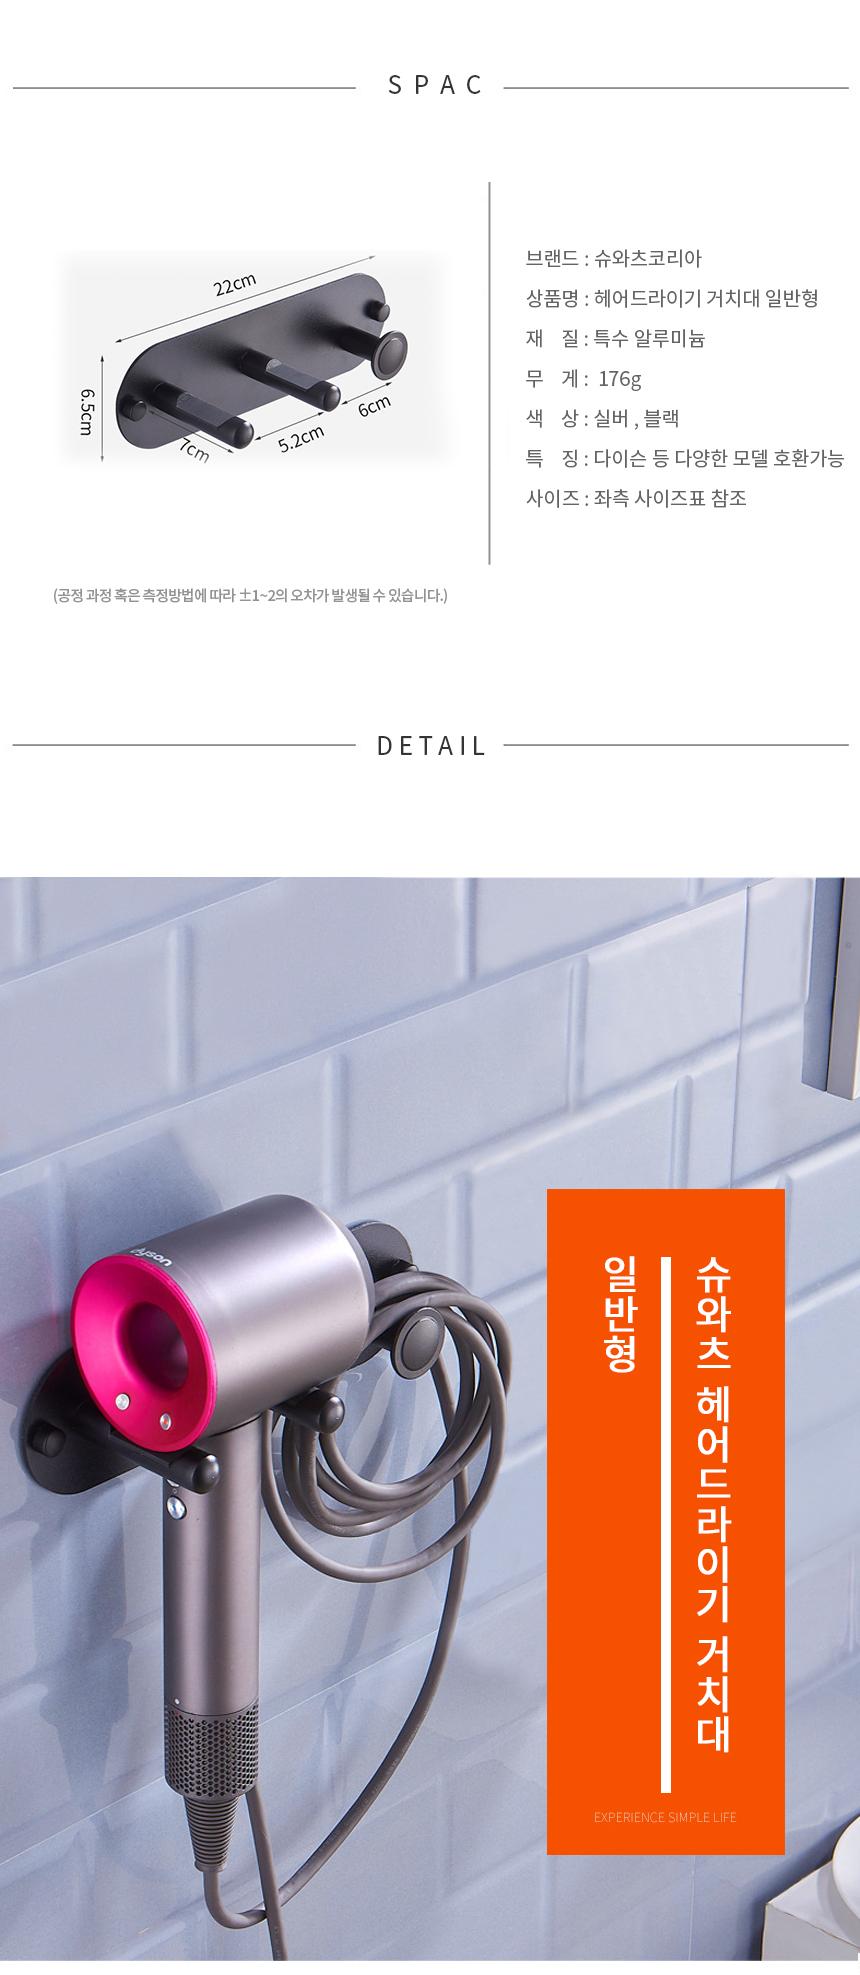 헤어드라이기 거치대 일반형 - 슈와츠코리아, 19,100원, 정리용품/청소, 욕실선반/걸이